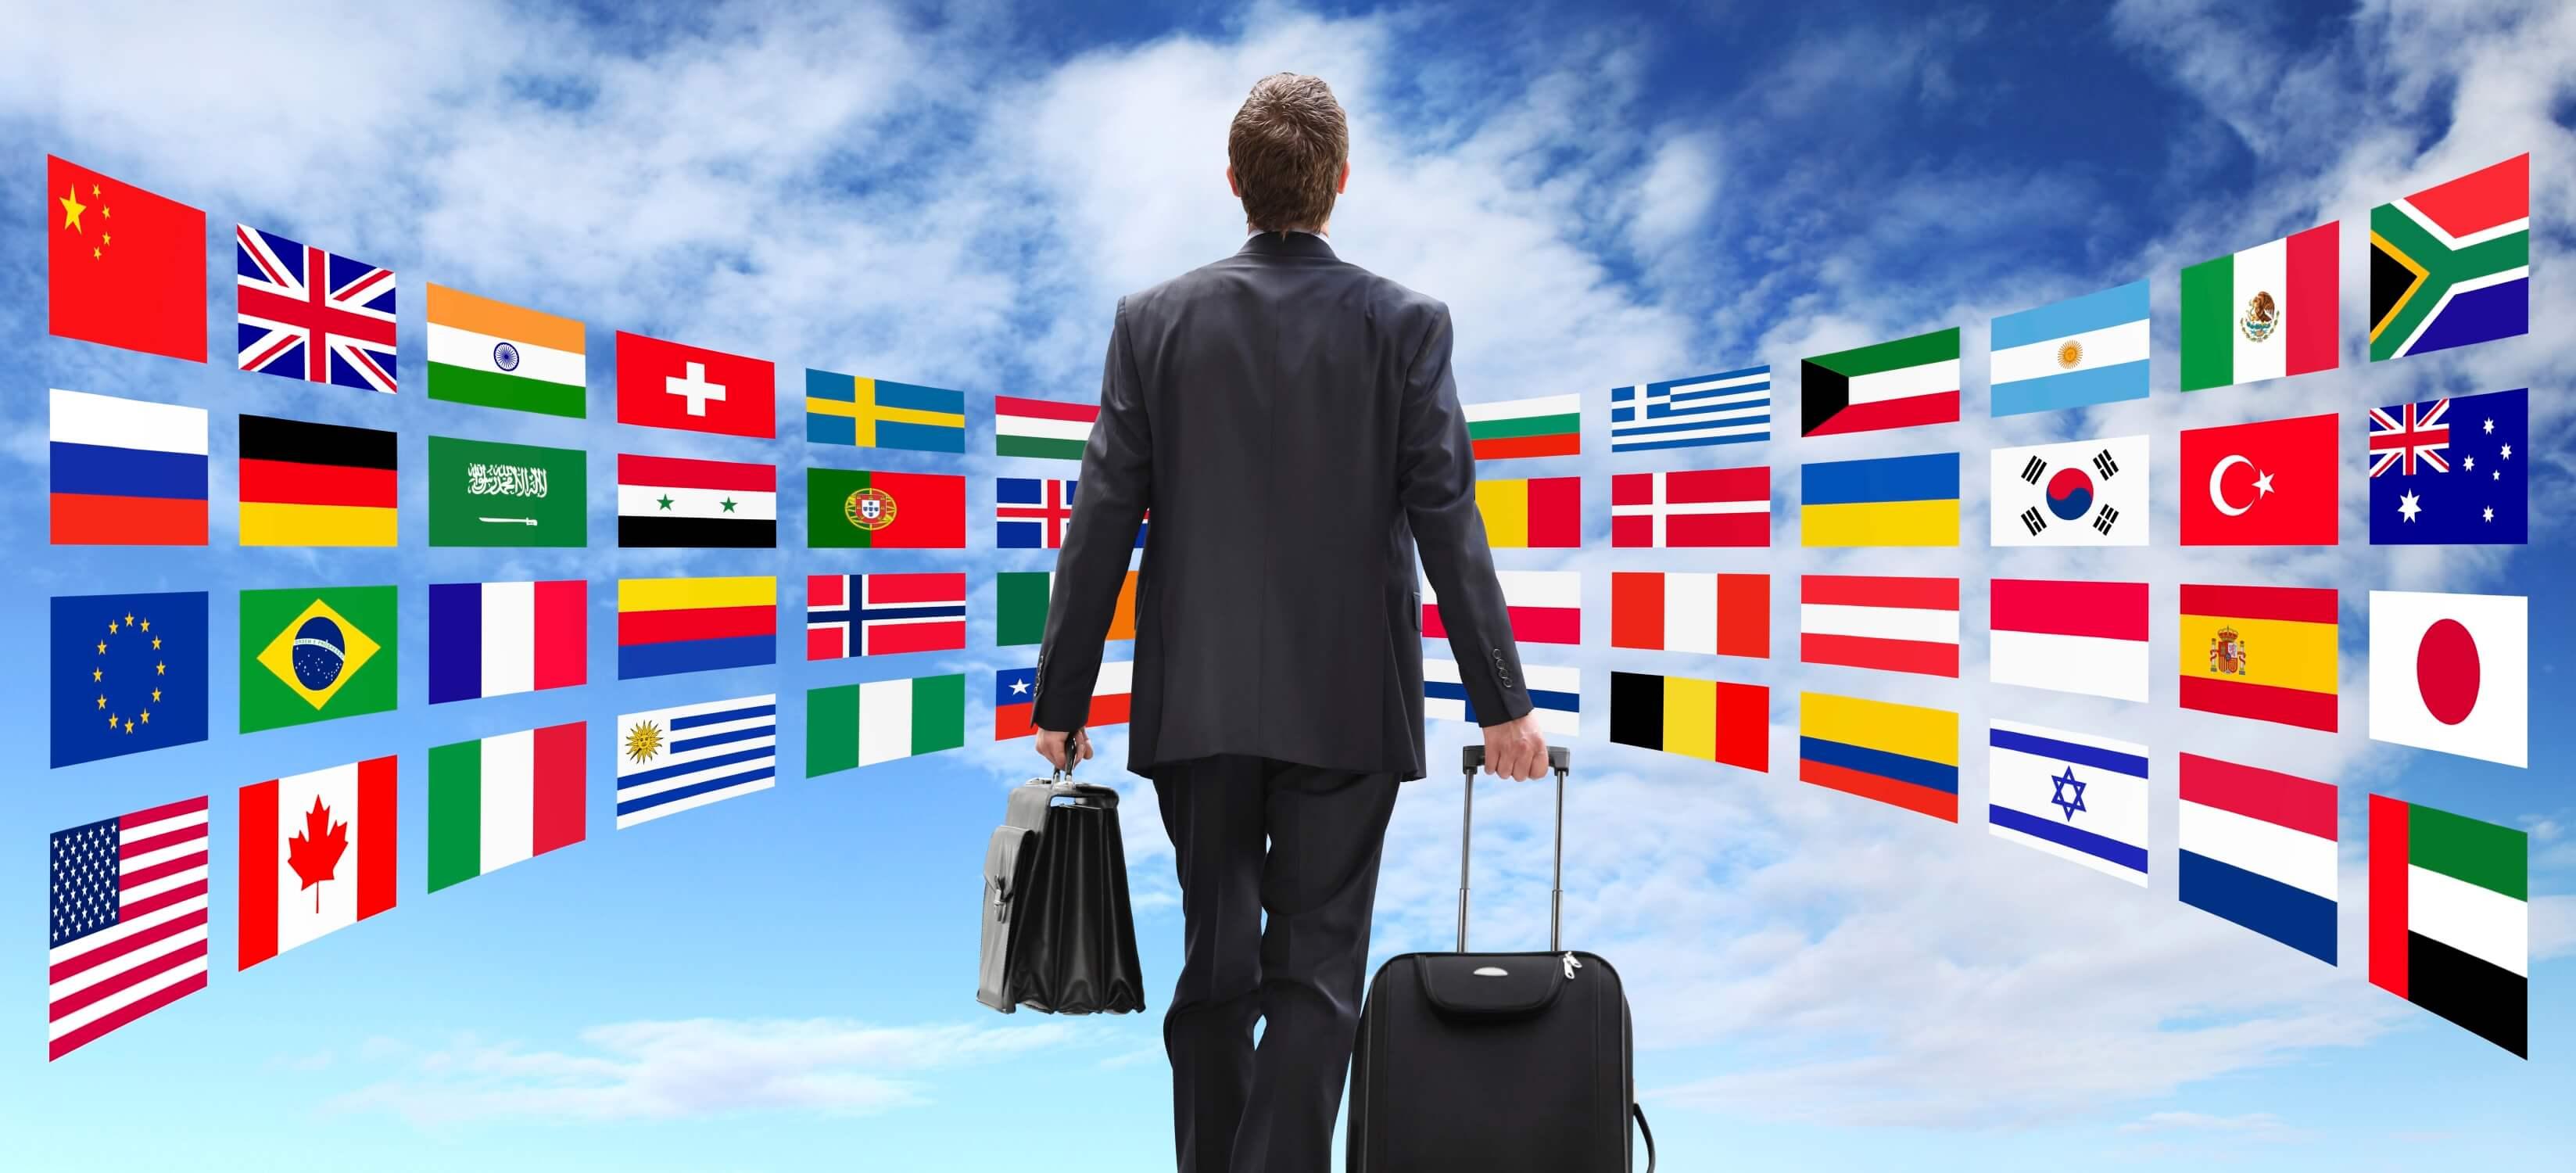 travail étranger, carrière, plan de carrière, job